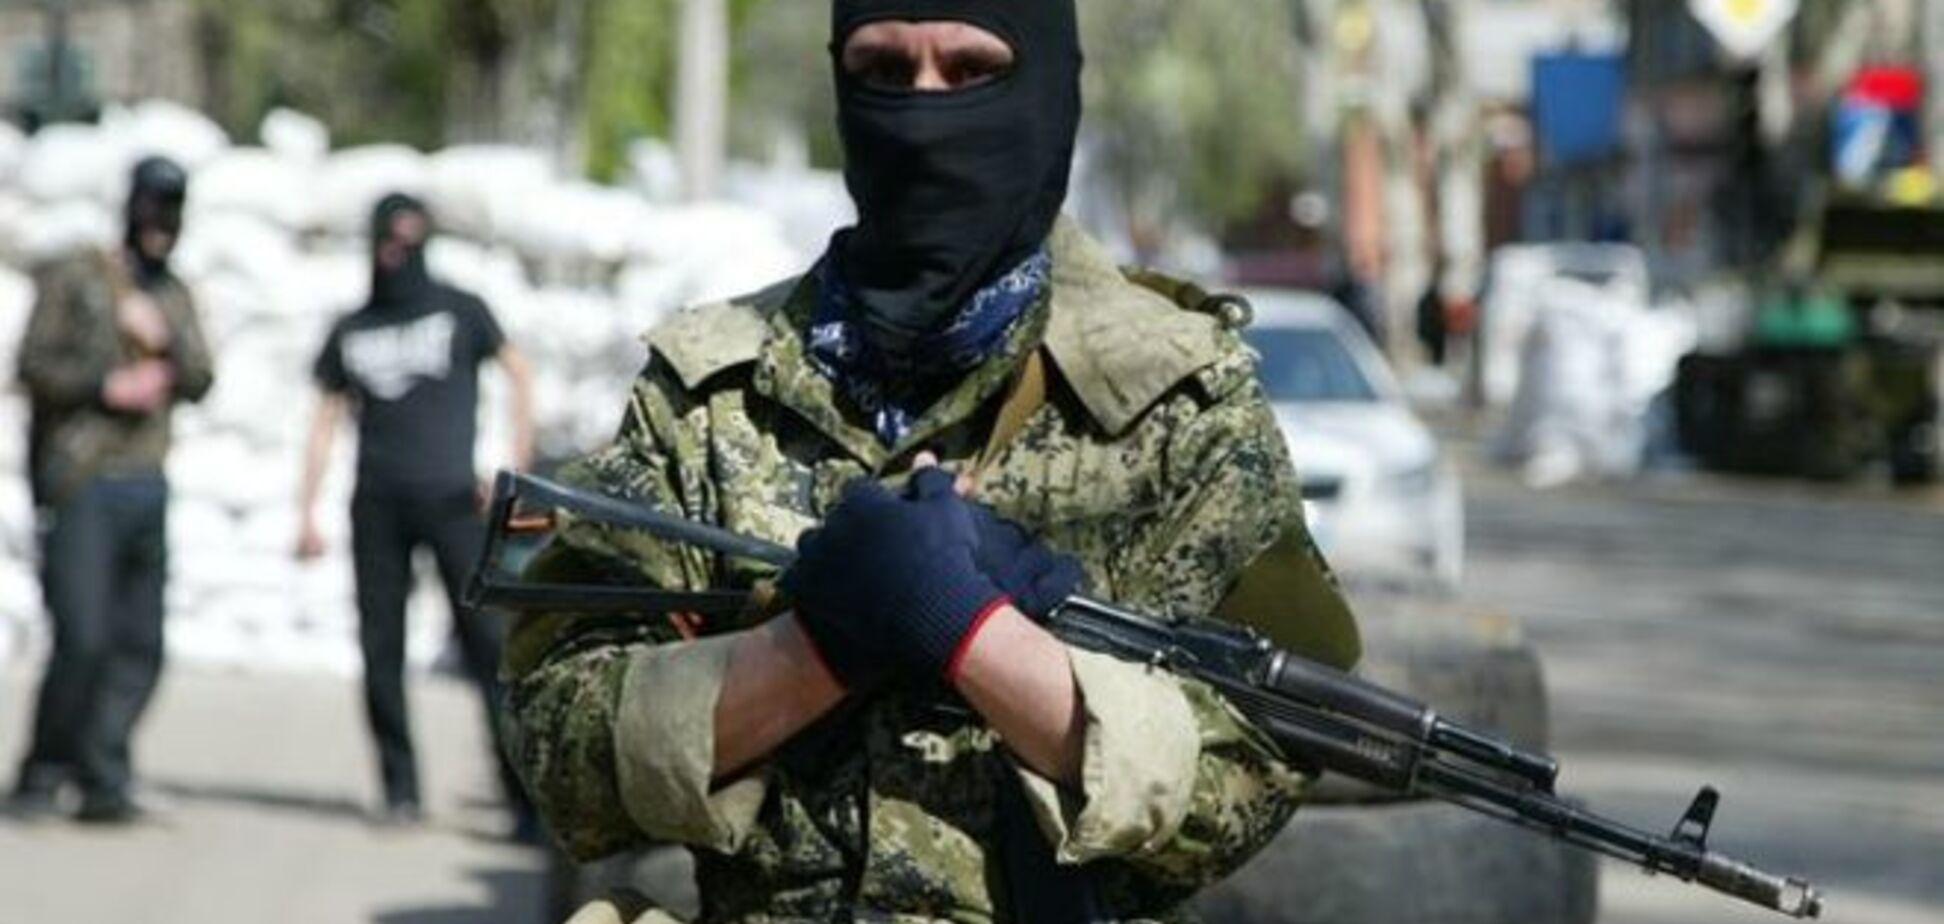 Террористы приготовились к терактам на Луганщине: подробности